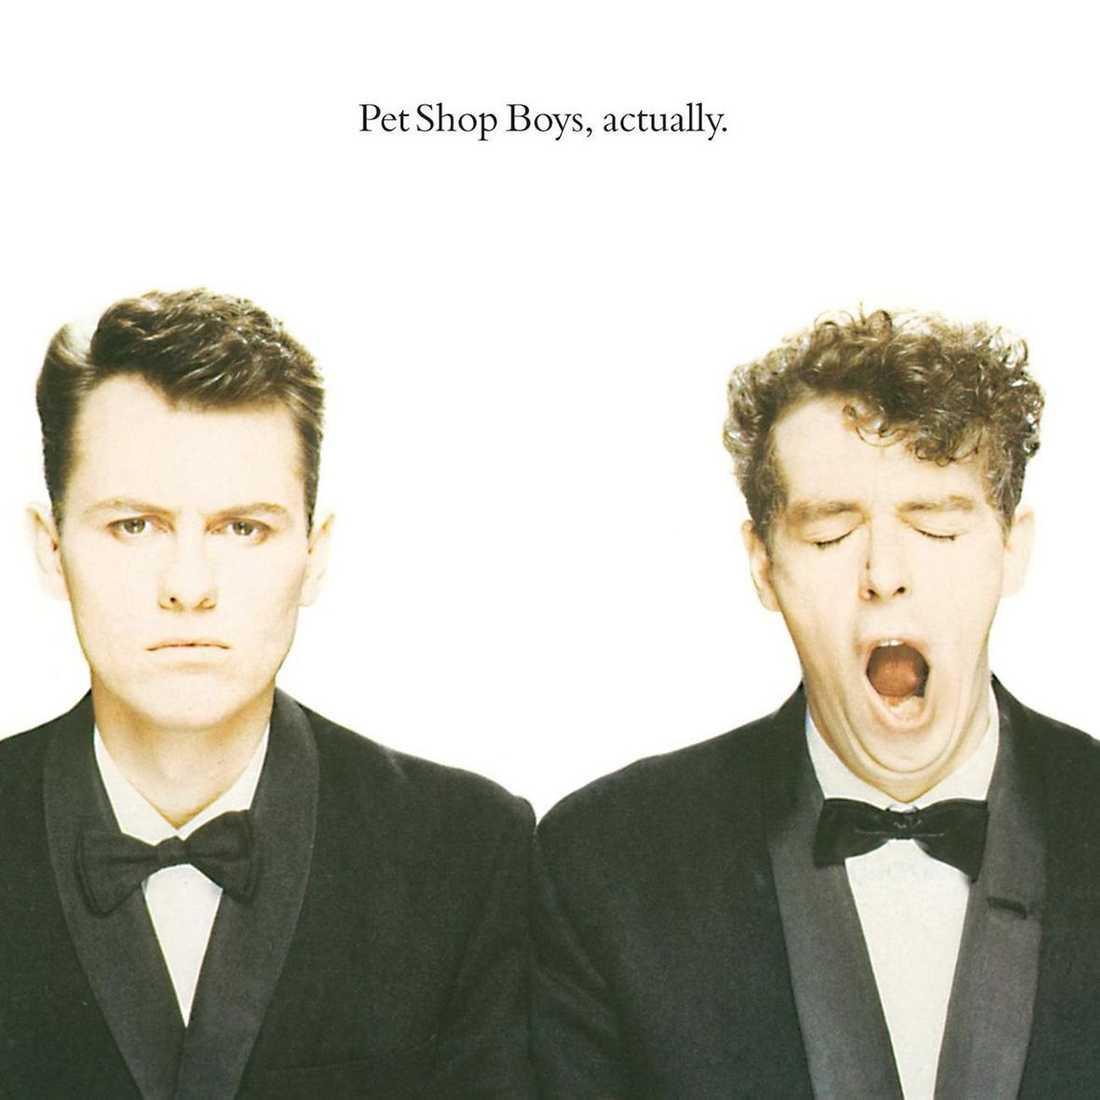 """Lyssna också på: """"Actually"""" och """"Introspective"""" med Pet Shop Boys. Två av de sjutton bästa album som har gjorts."""